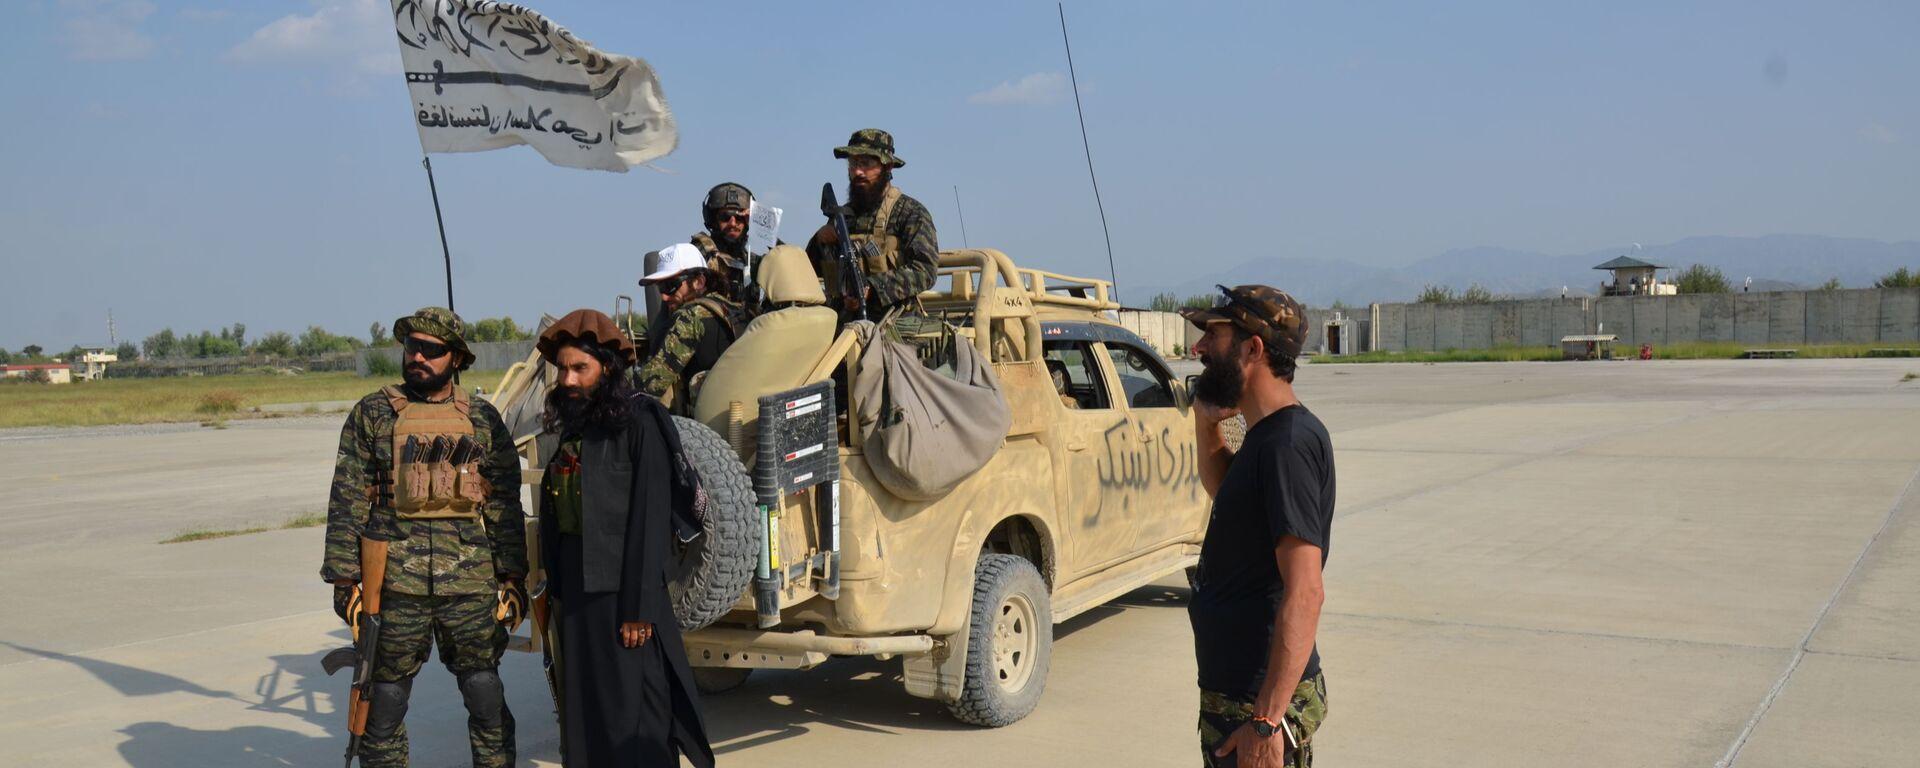 Była duża baza USA w Chost pod kontrolą talibów. Baza ta była uważana za największe centrum zarządzania operacjami w południowo-wschodnim Afganistanie i mieściła tysiące amerykańskich żołnierzy. Przed odejściem Amerykanie zniszczyli większość sprzętu. - Sputnik Polska, 1920, 25.09.2021